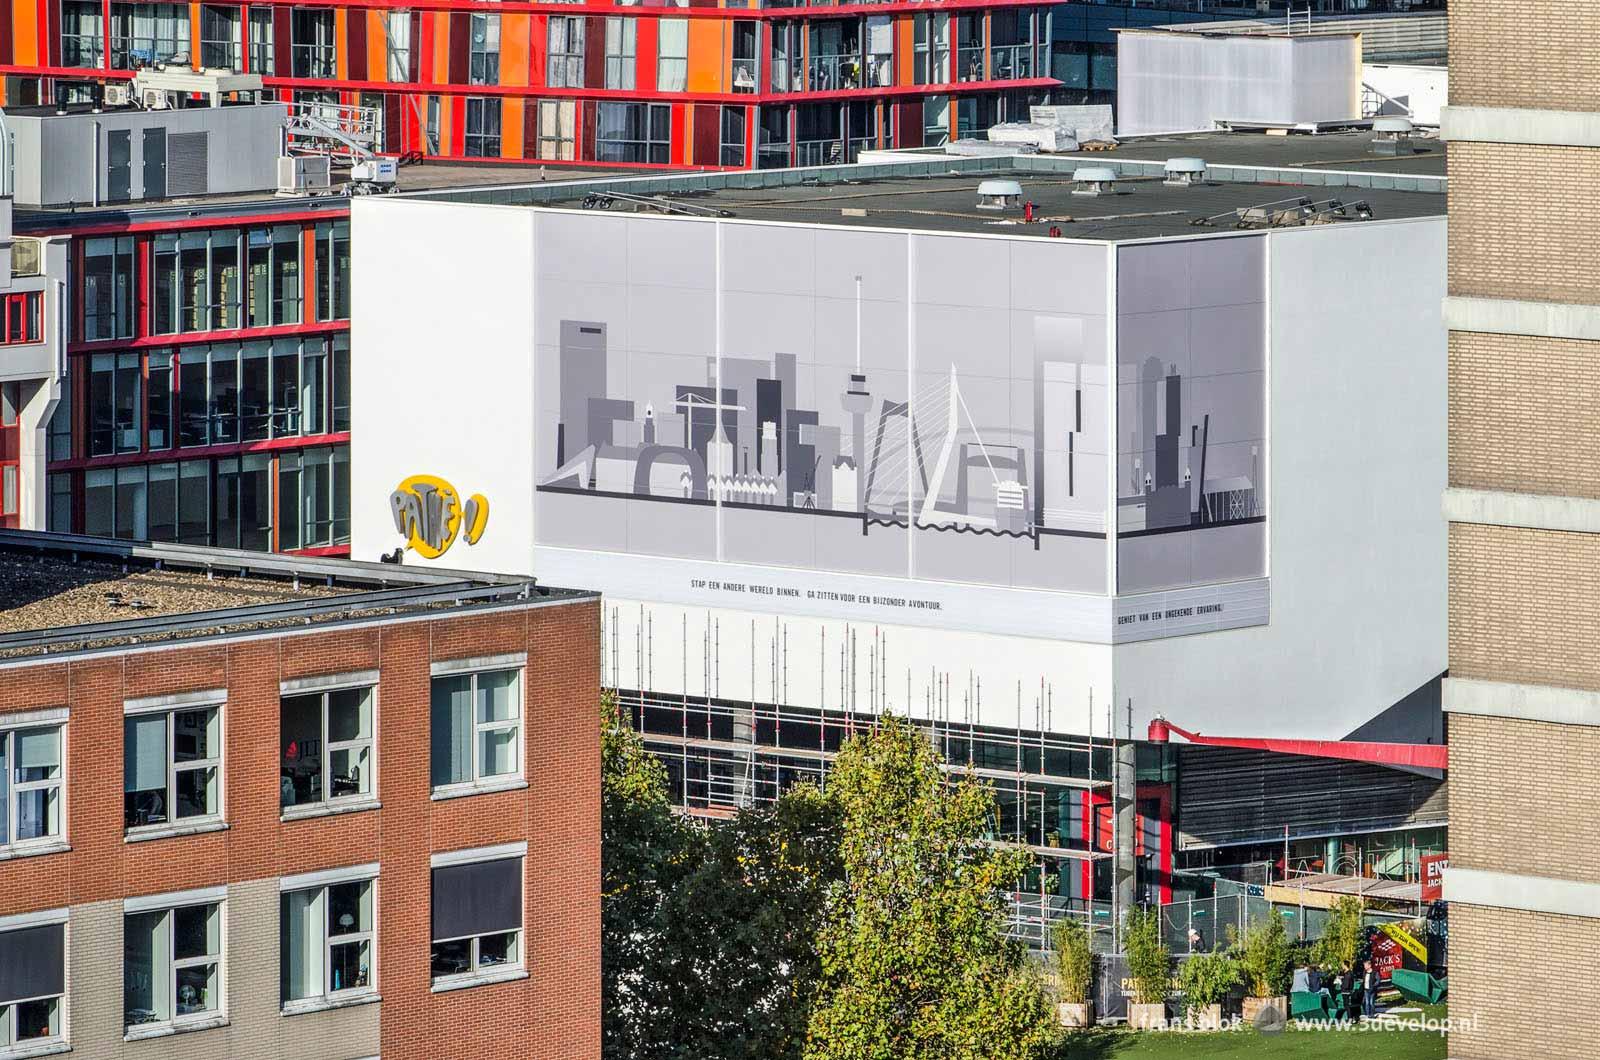 Beeld vanaf een van de Lijnbaanflats op de pas gerenoveerde bioscoop van Pathé op het Schouwburgplein met op de gevel de skyline van Rotterdam